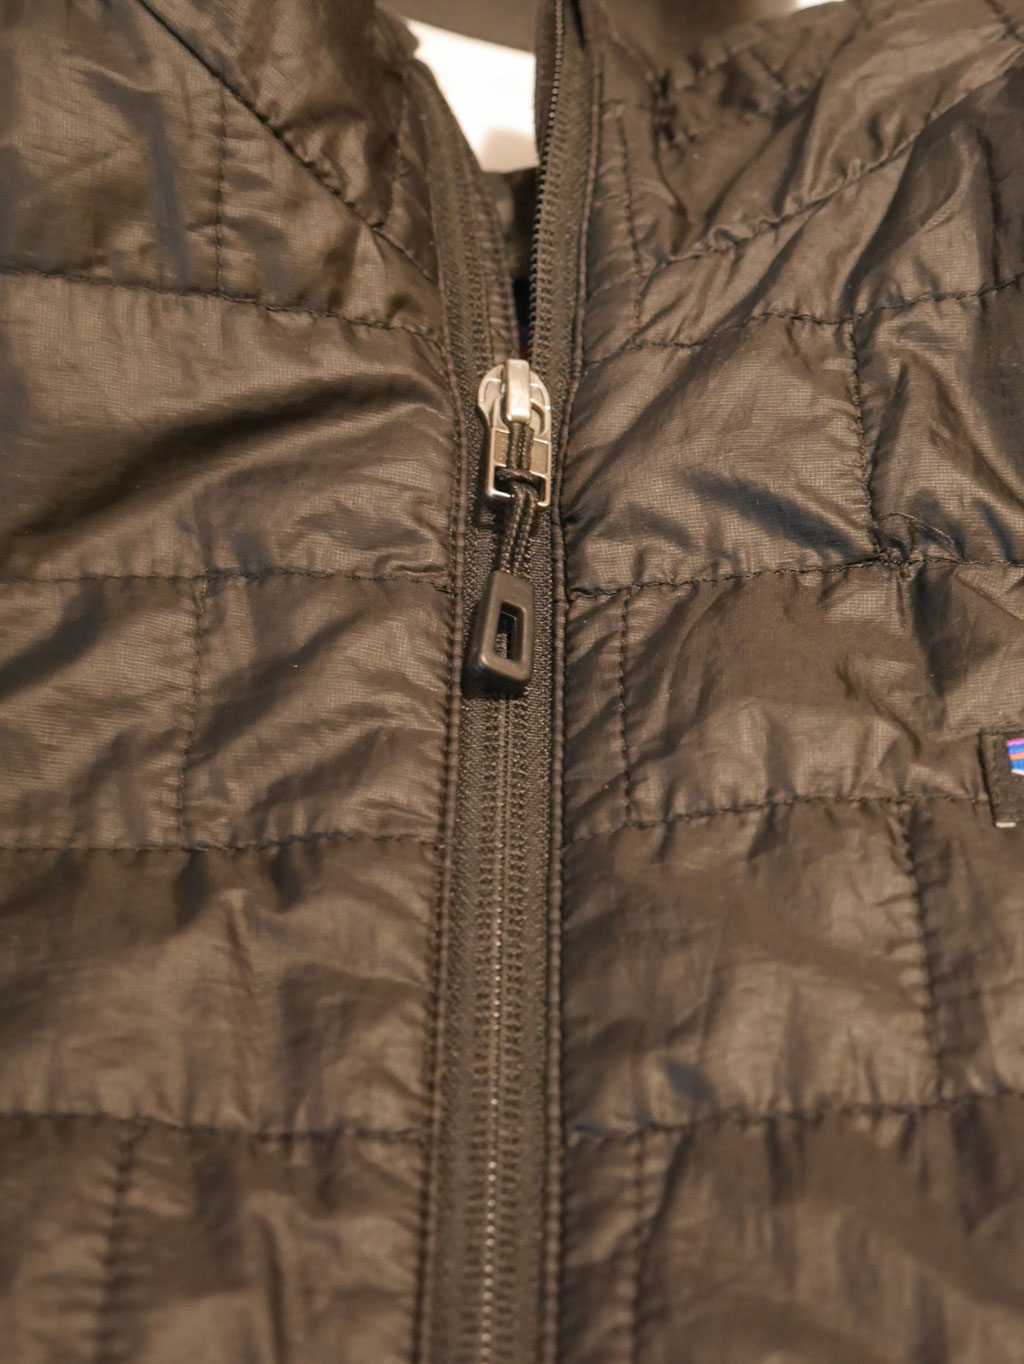 Jacket Zipper Pull Repair Black Package of 3